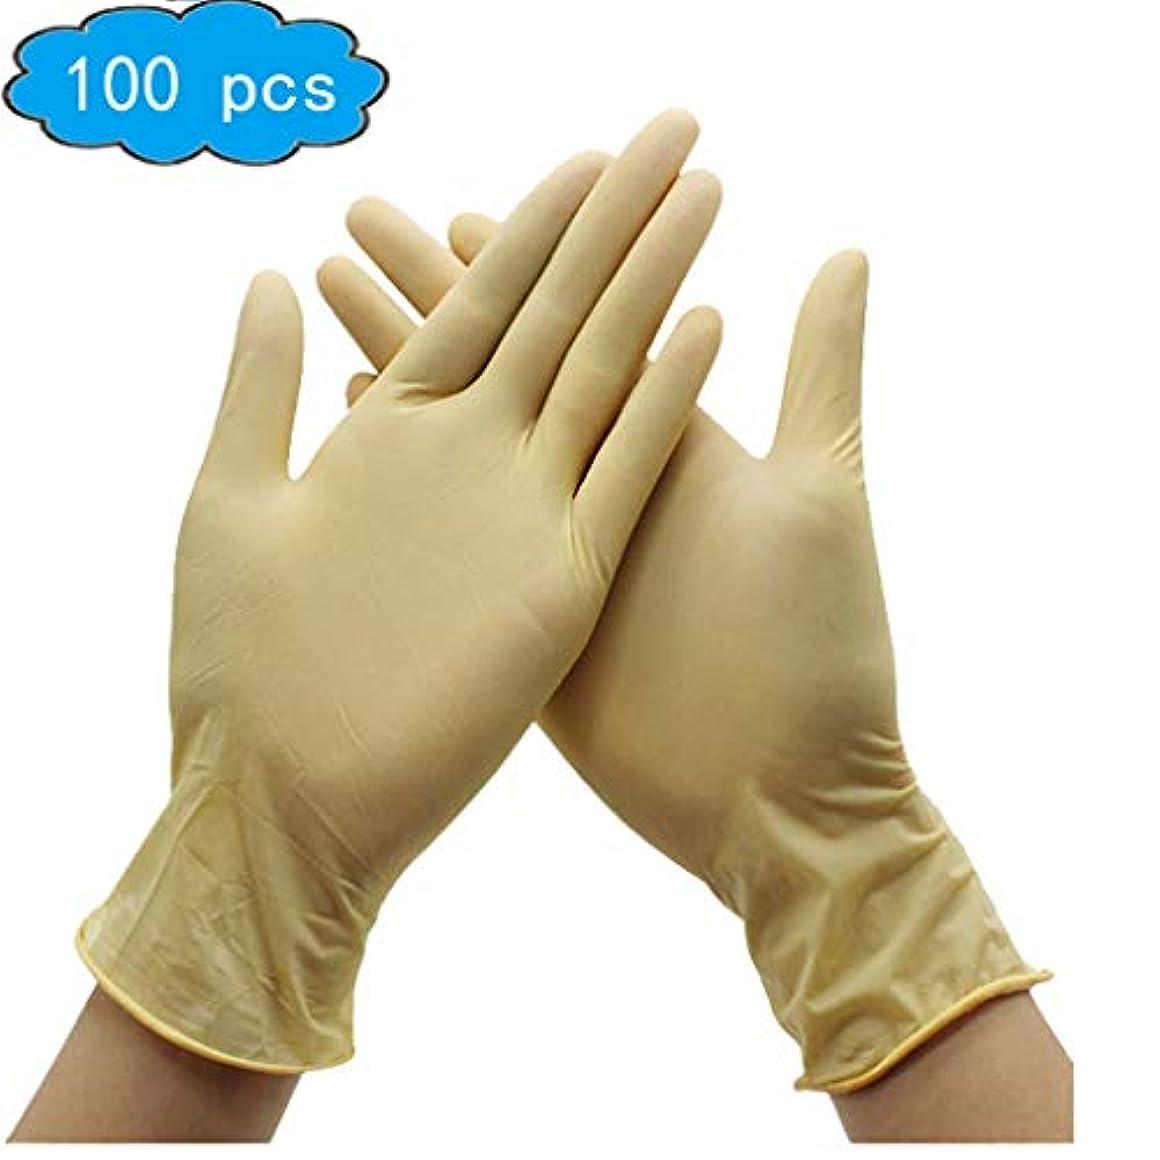 分岐する大通り緩めるラテックス手袋、試験/食品グレードの安全製品、使い捨て手袋および手袋Dispensers 100psc、衛生手袋、健康、家庭用ベビーケア (Color : Beige, Size : L)